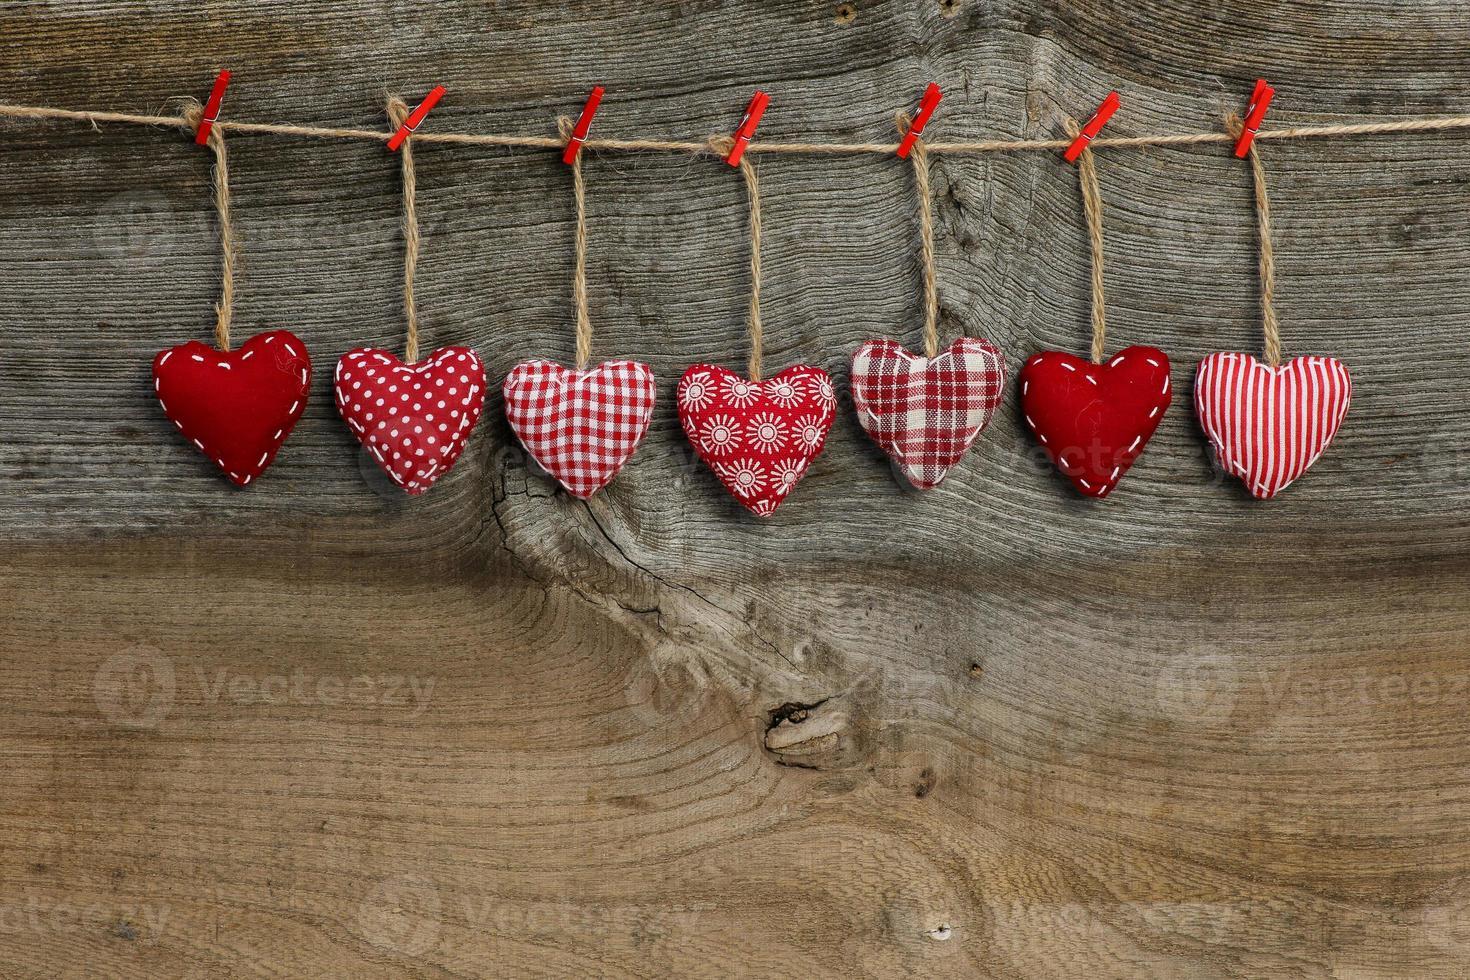 corações de dia dos namorados amor guingão pendurados em uma textura de madeira foto